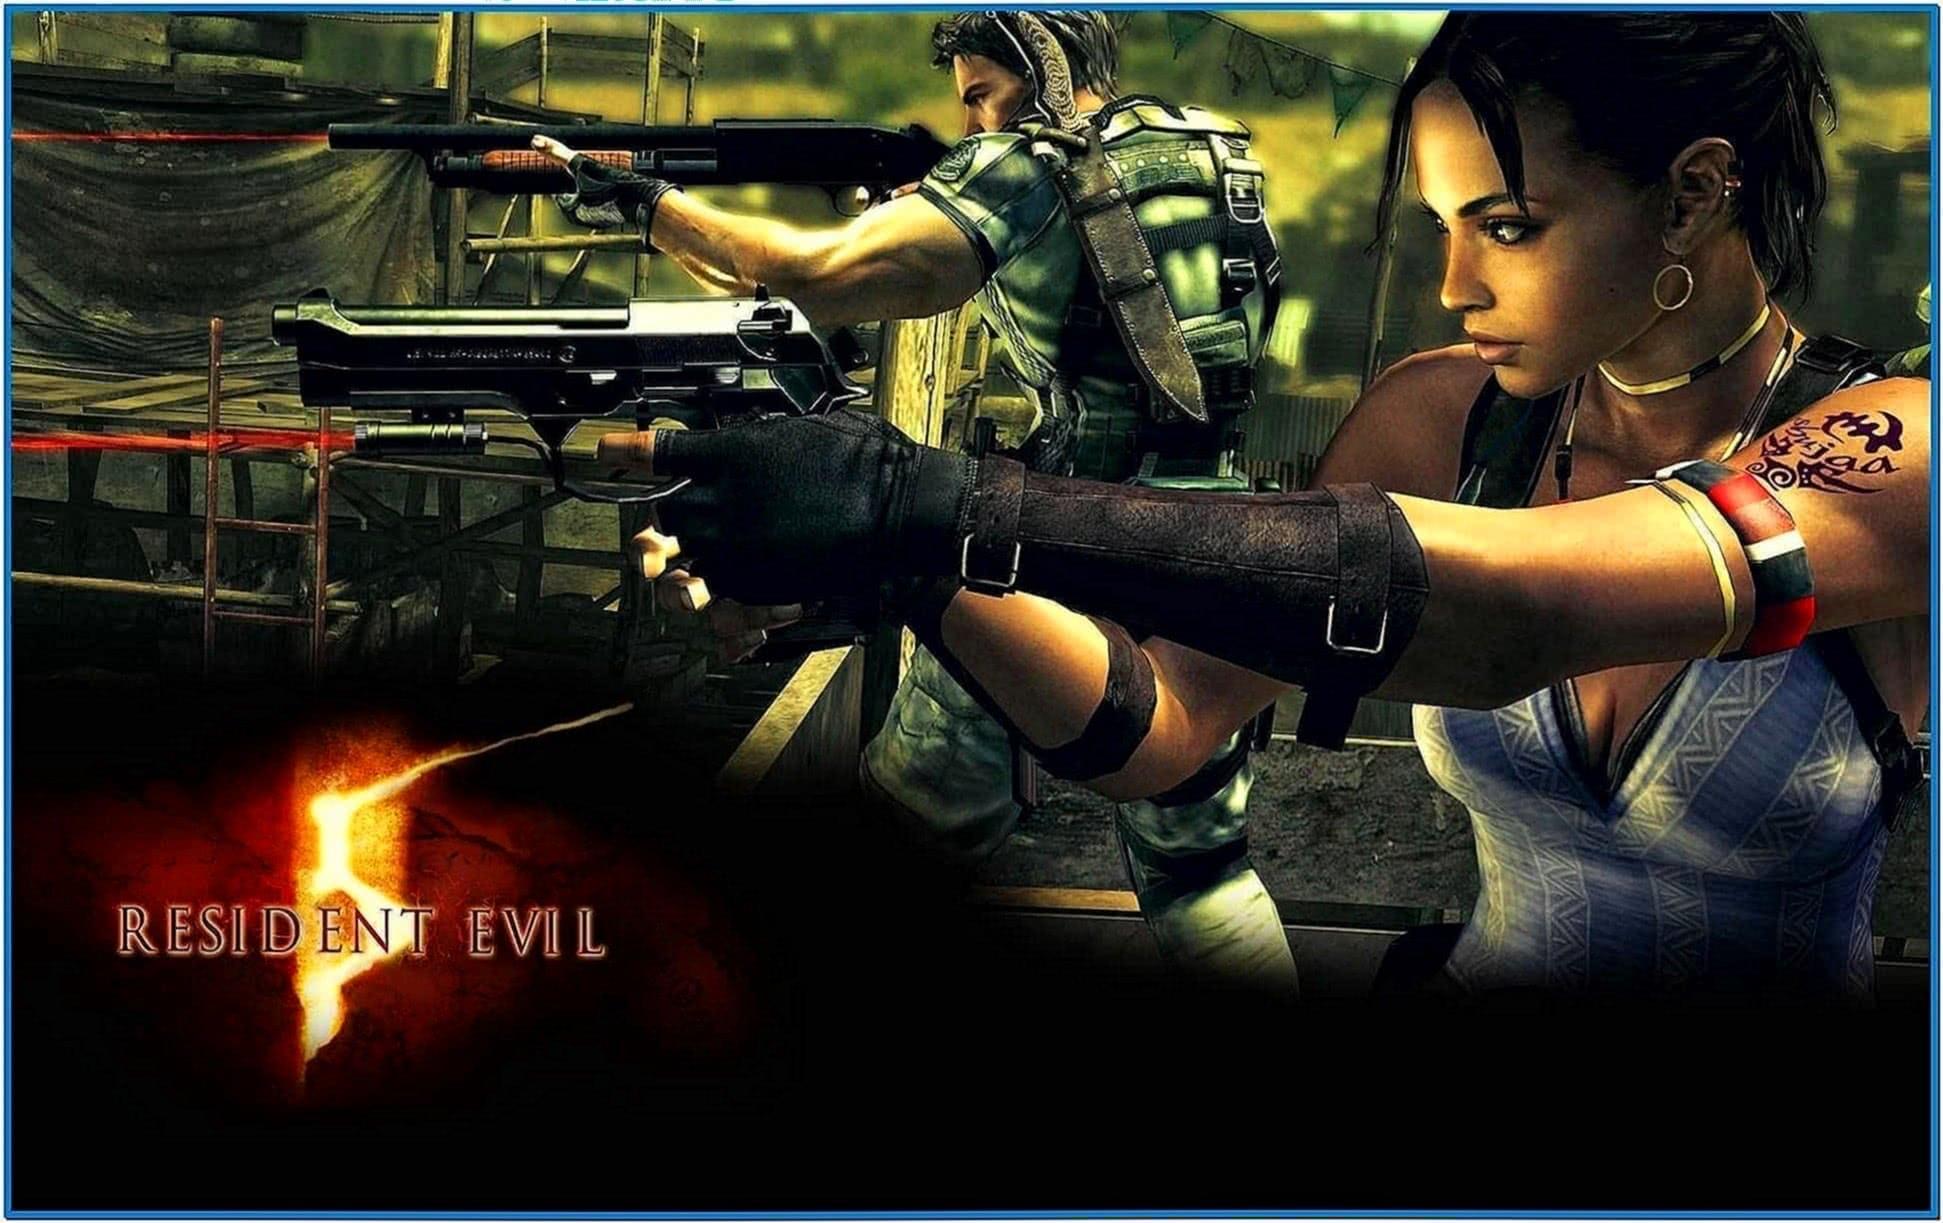 Animated Resident Evil Screensaver